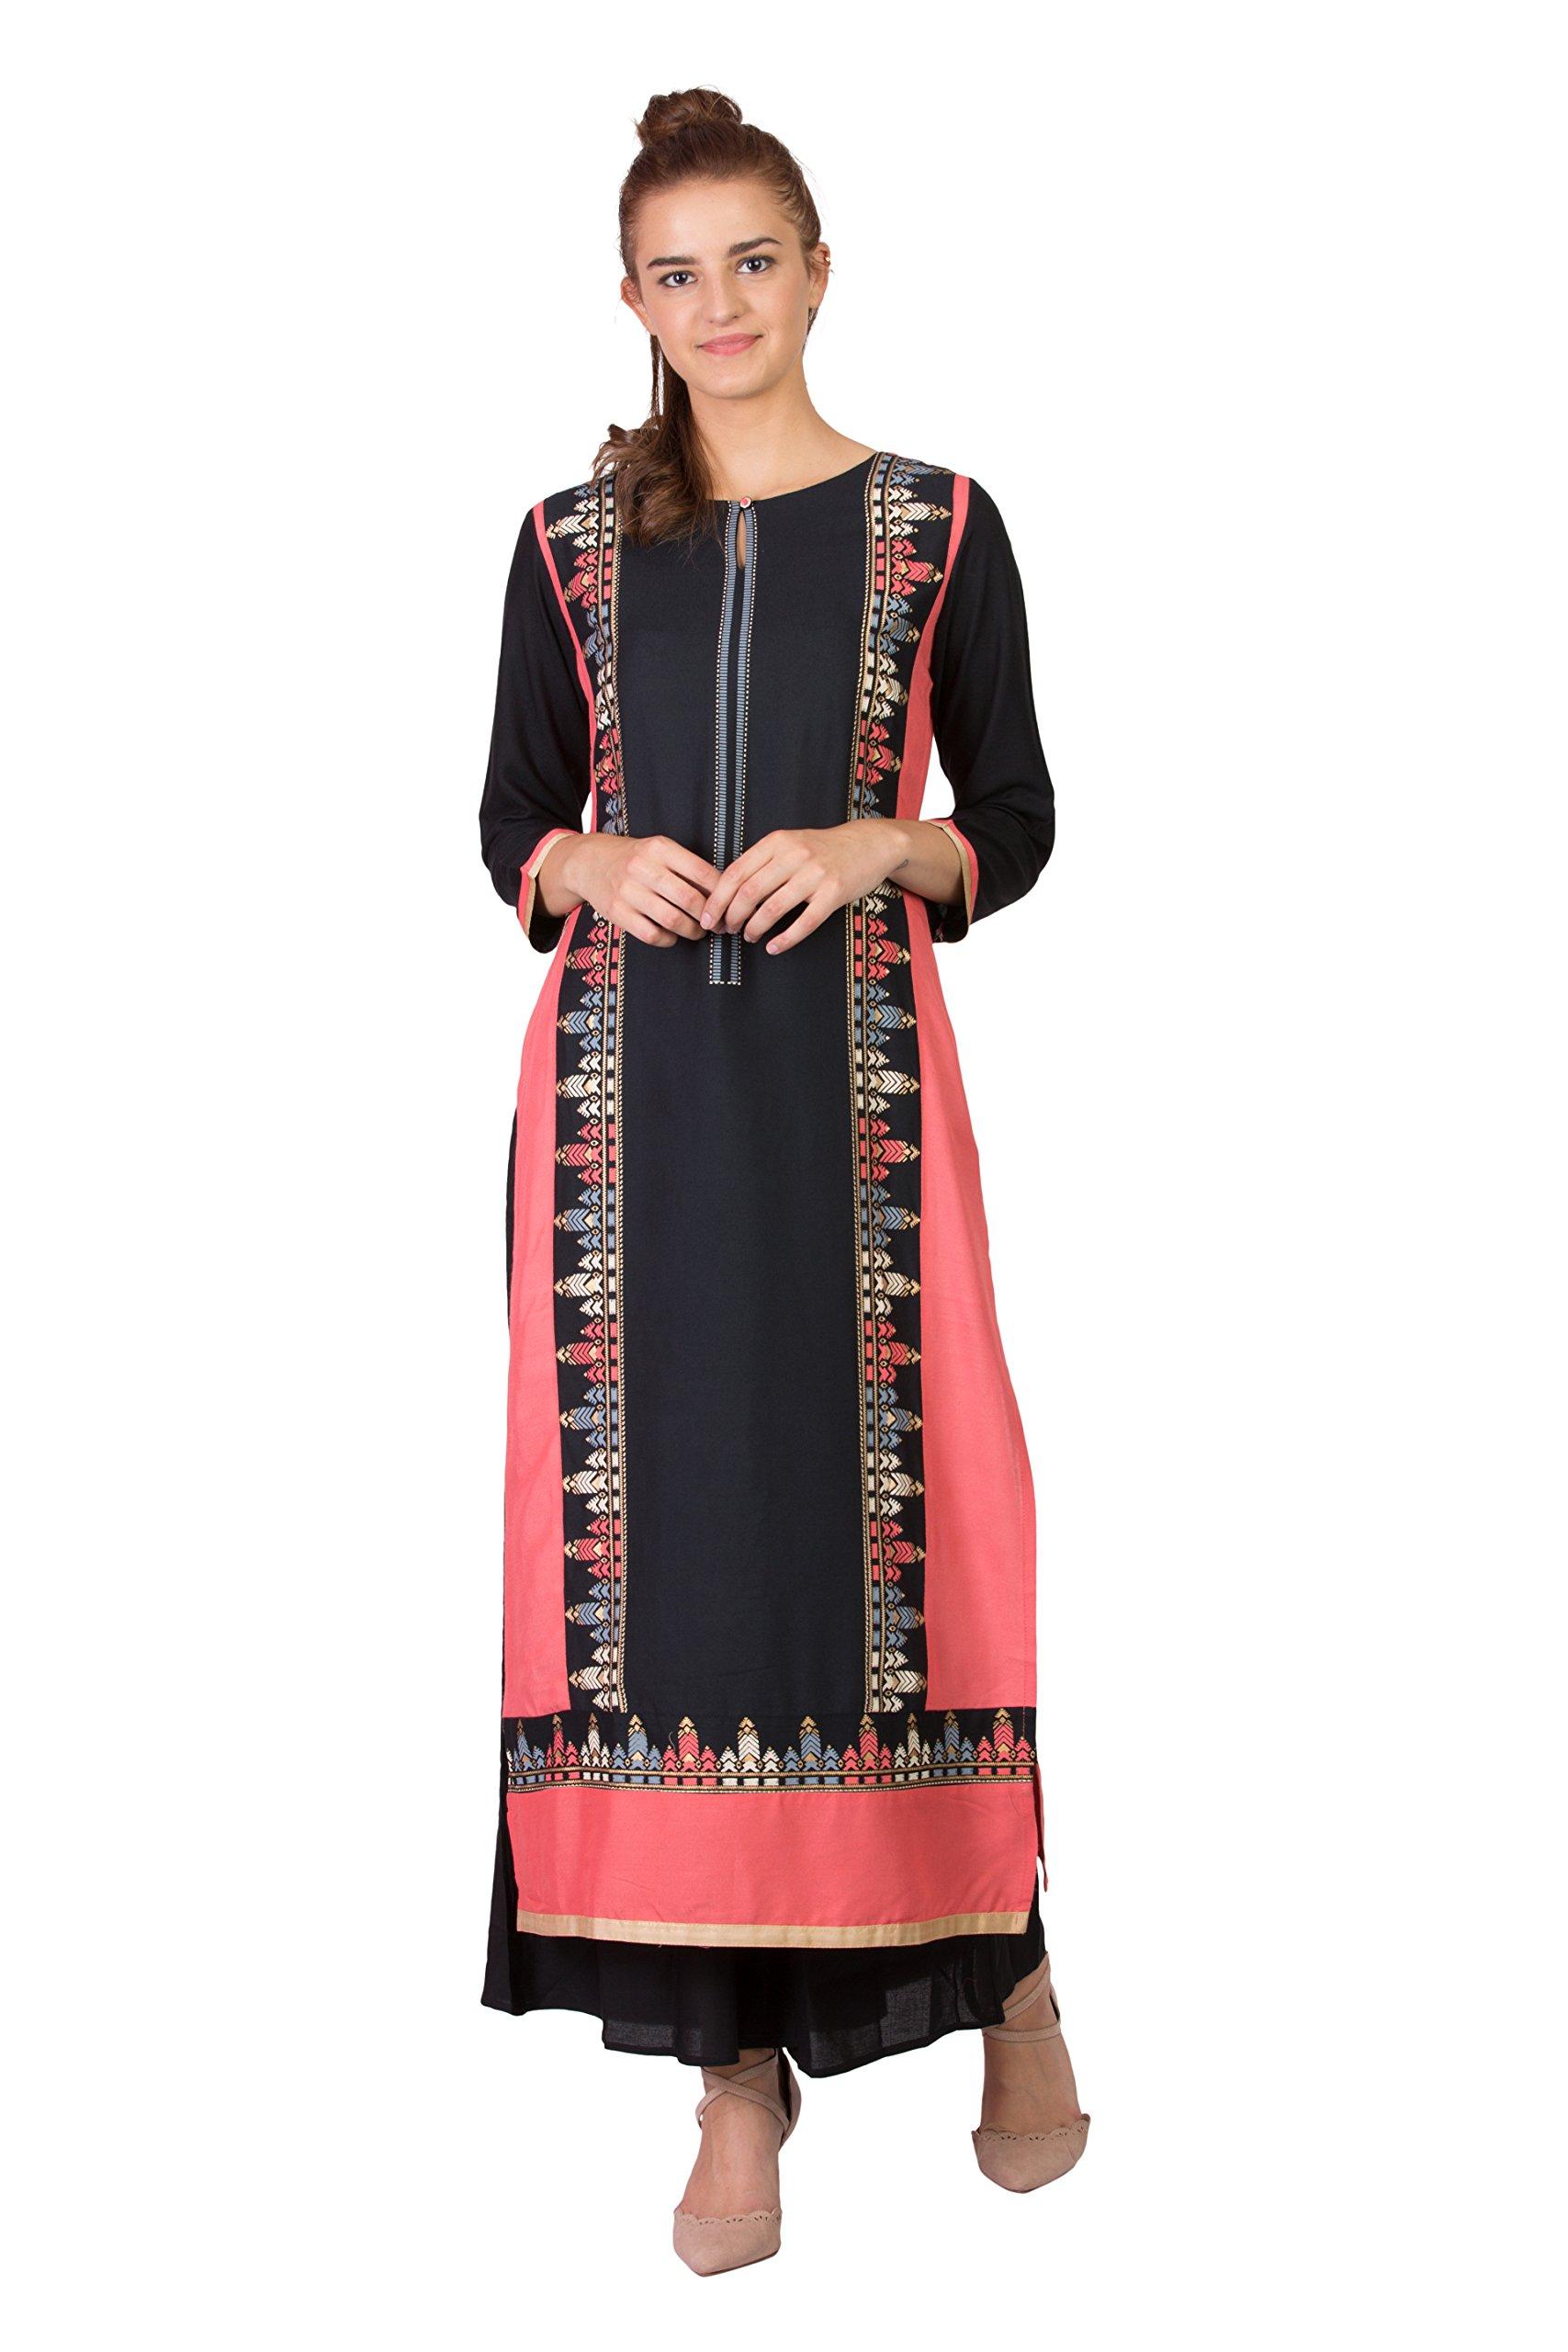 SABHYATA Women Kurta Designer Ethnic Long Dress Casual Tunic Kurti for Women Ladies Partywear Material 100% Pure Rayon Neck Type Round Neck X-Large Black